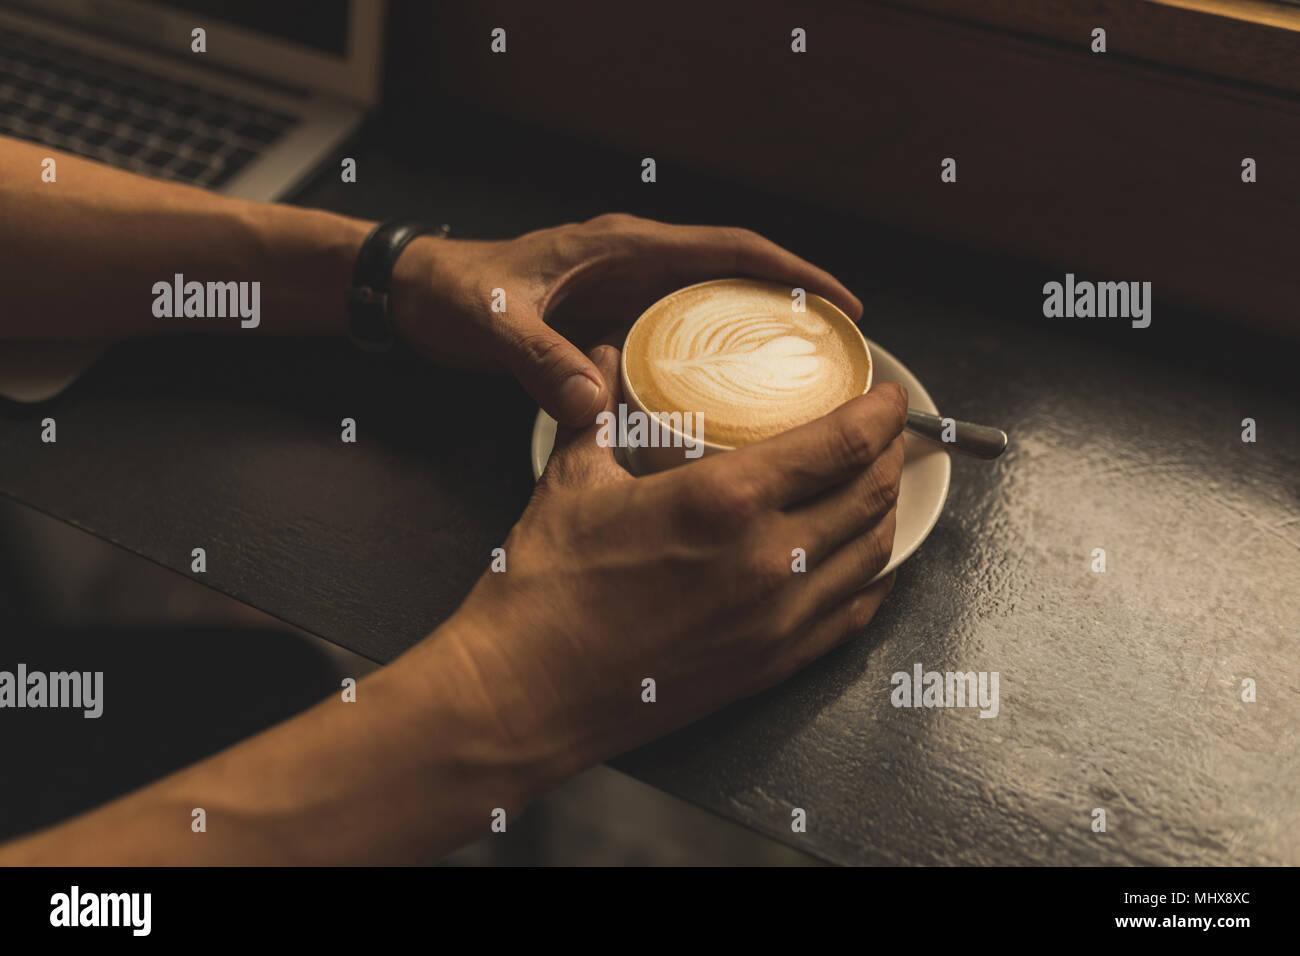 Imprenditore azienda tazza di caffè nella caffetteria Immagini Stock